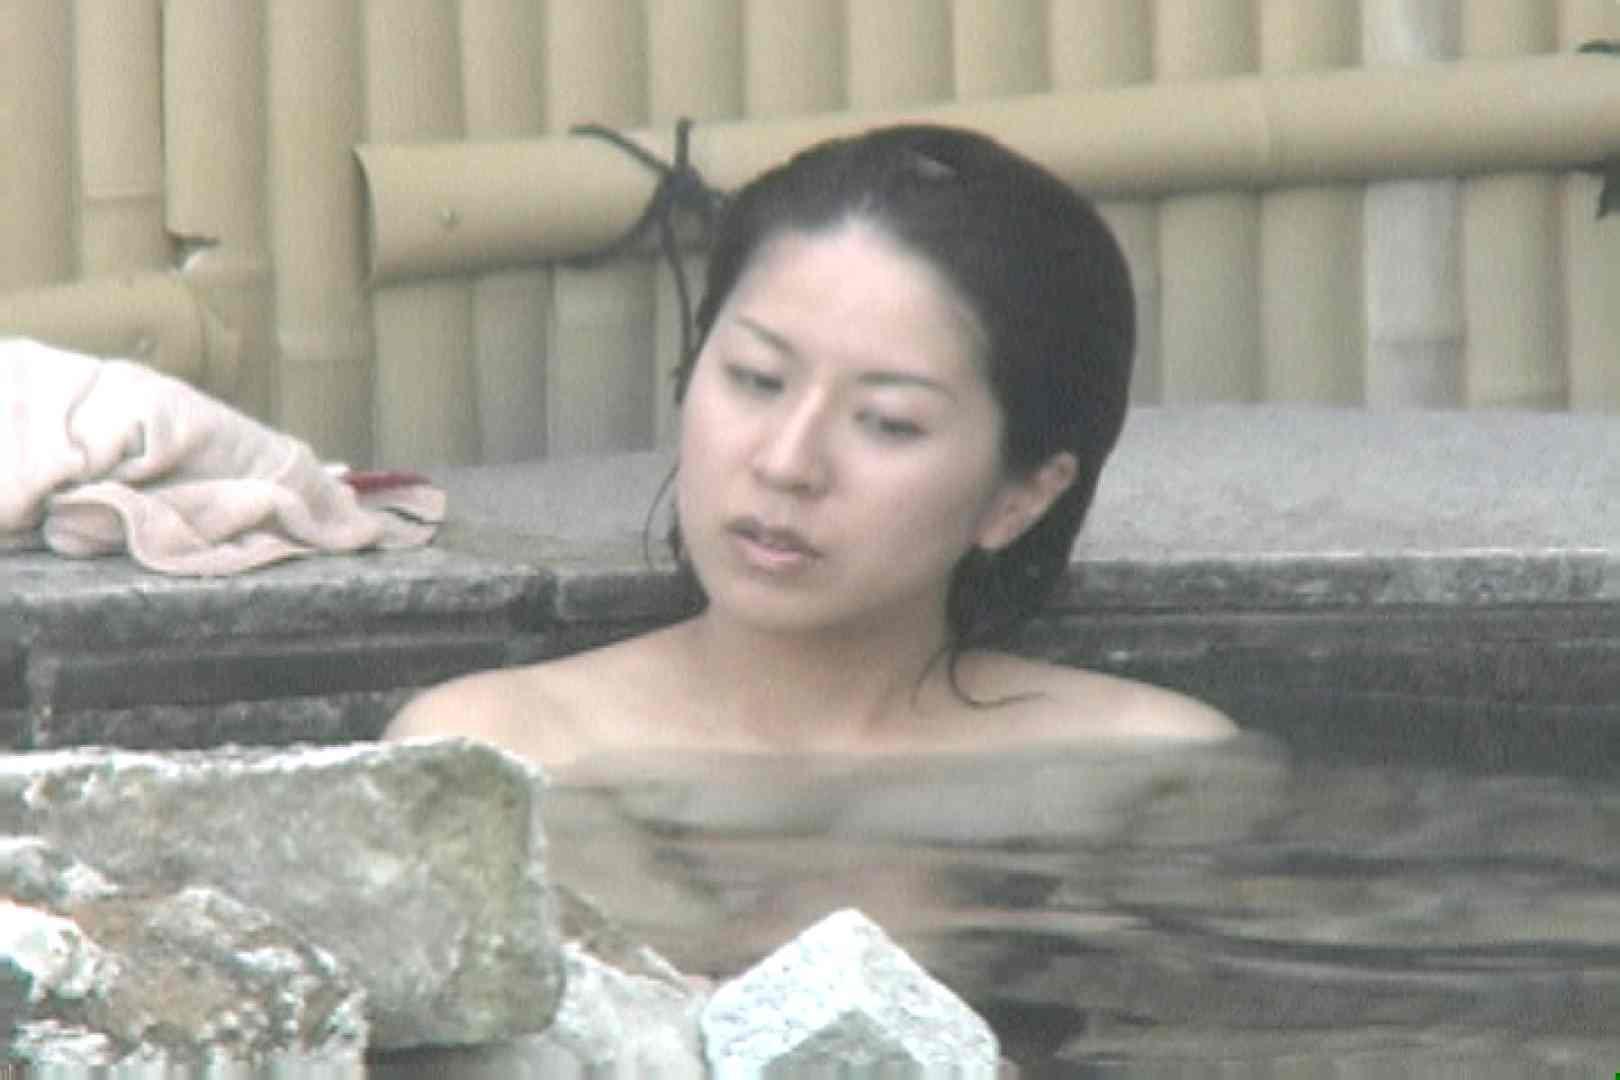 Aquaな露天風呂Vol.694 露天  67画像 60